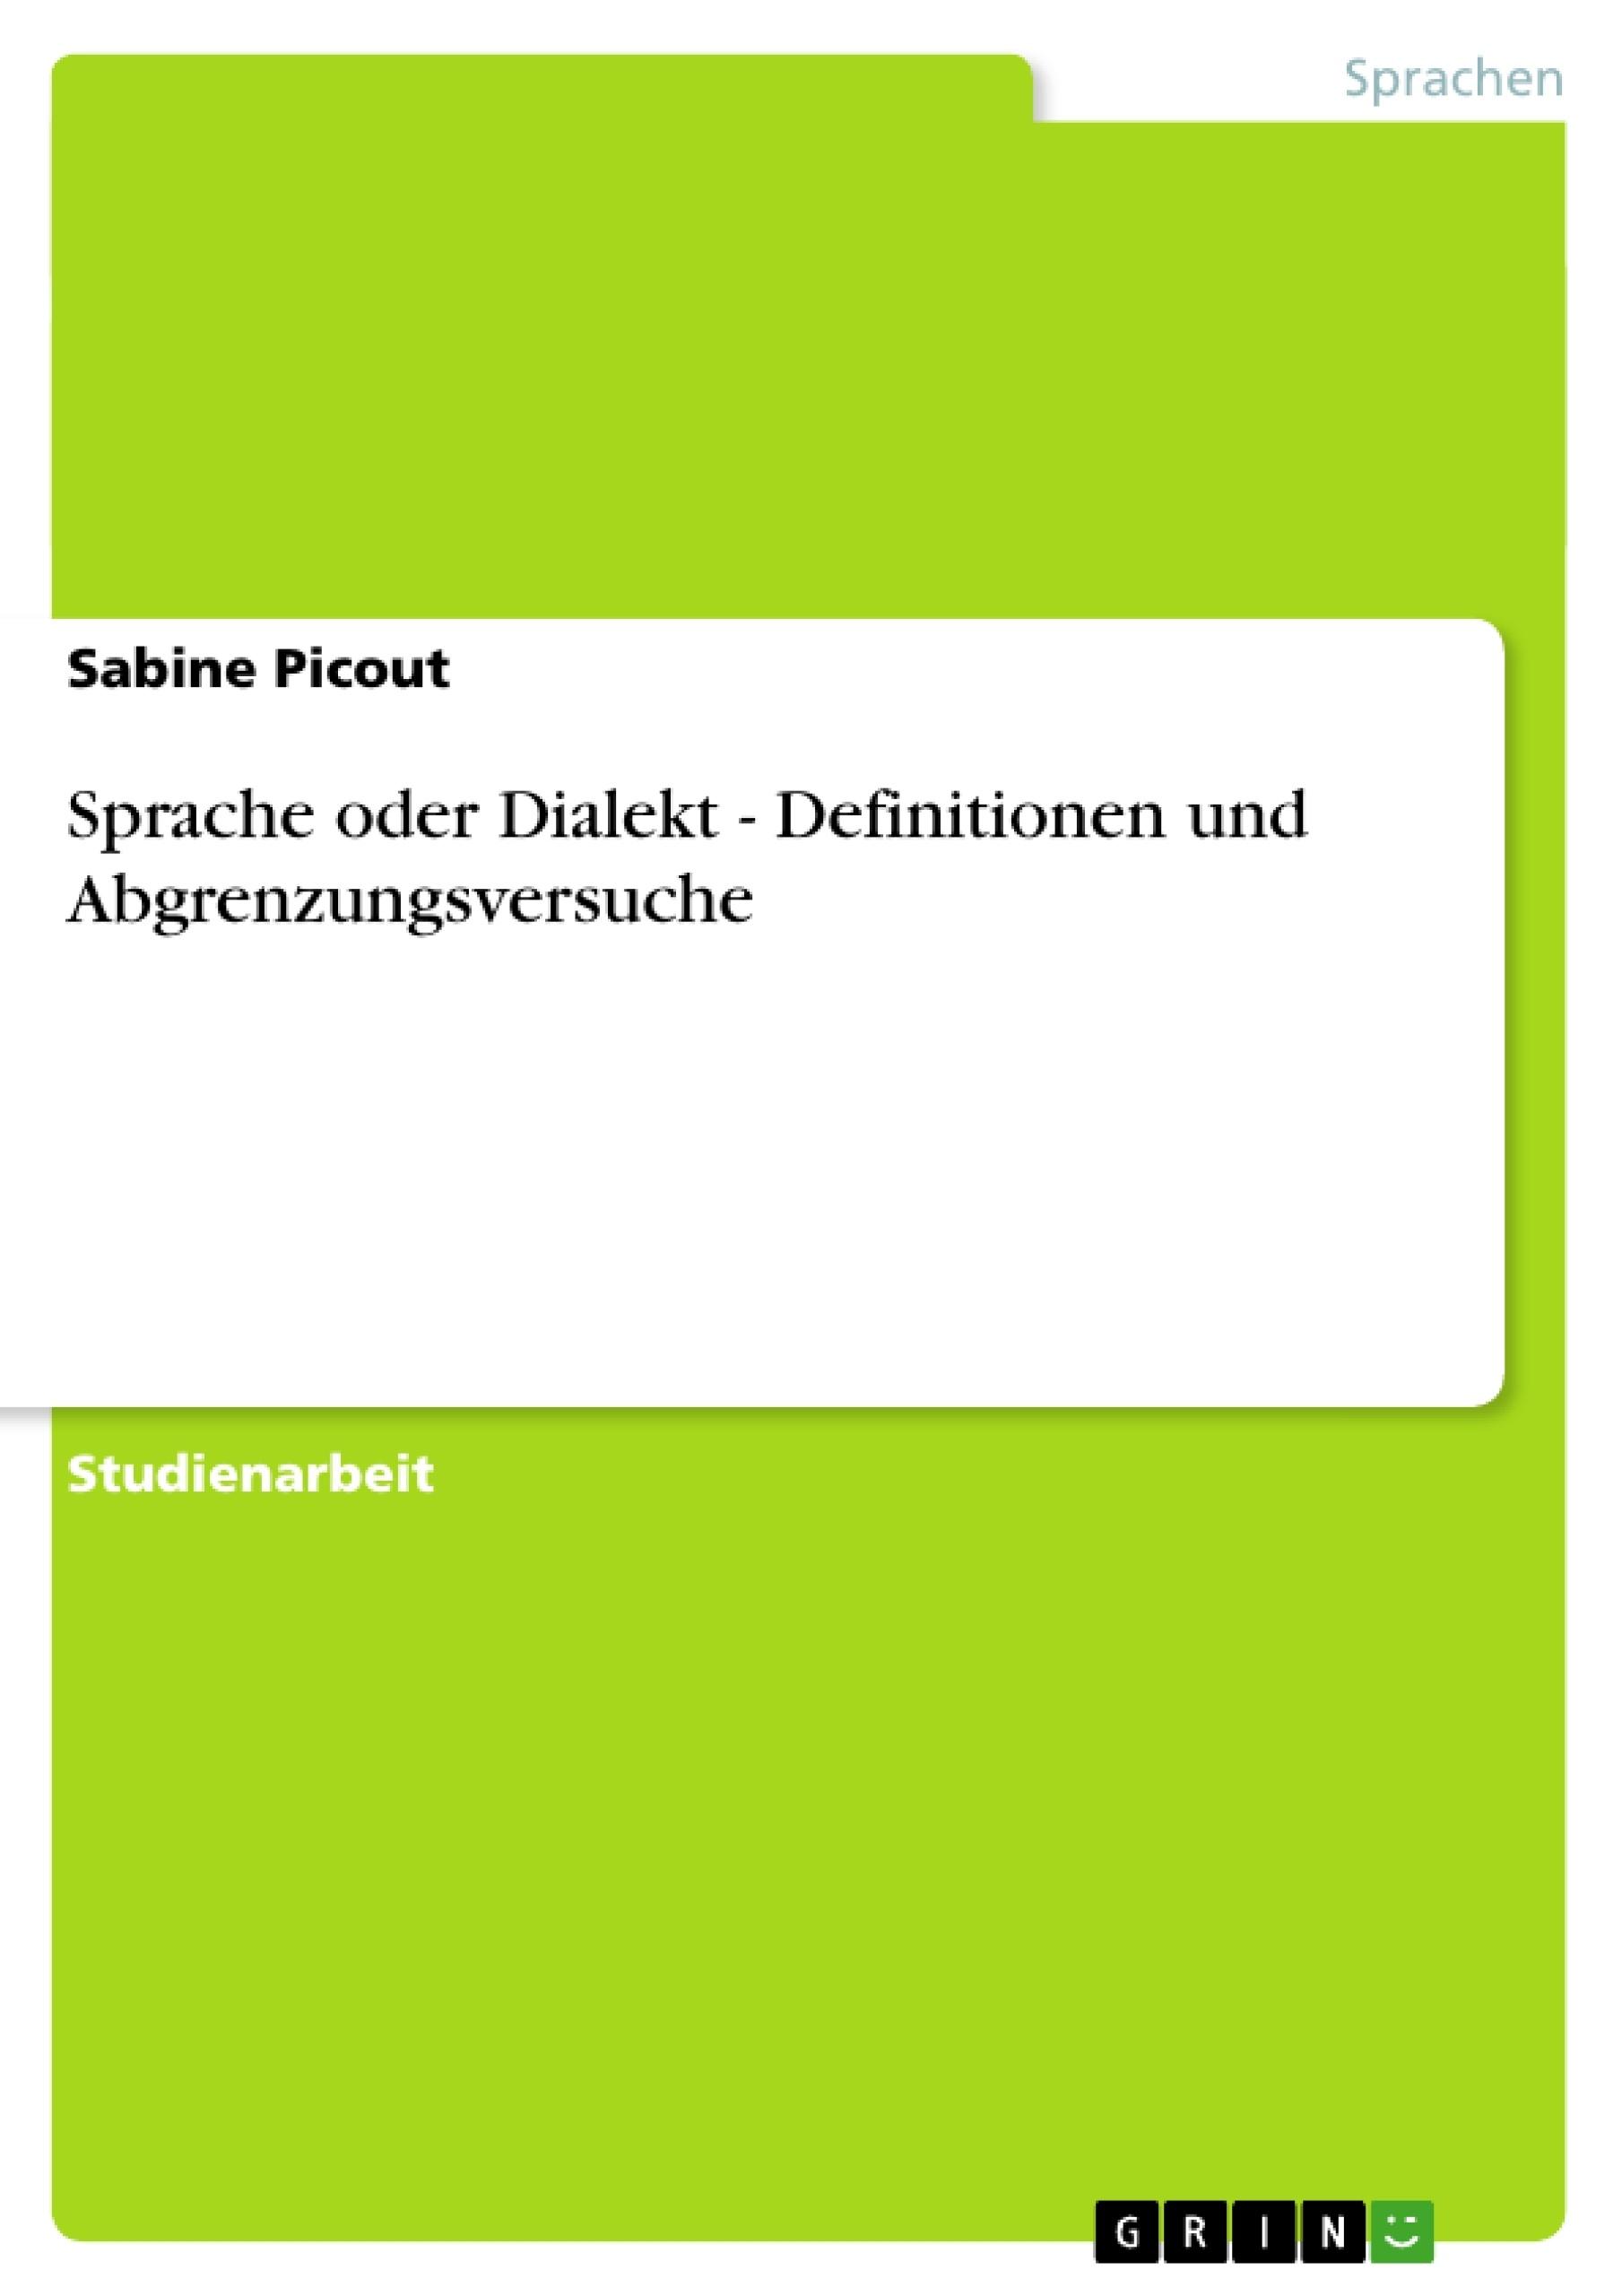 Titel: Sprache oder Dialekt - Definitionen und Abgrenzungsversuche